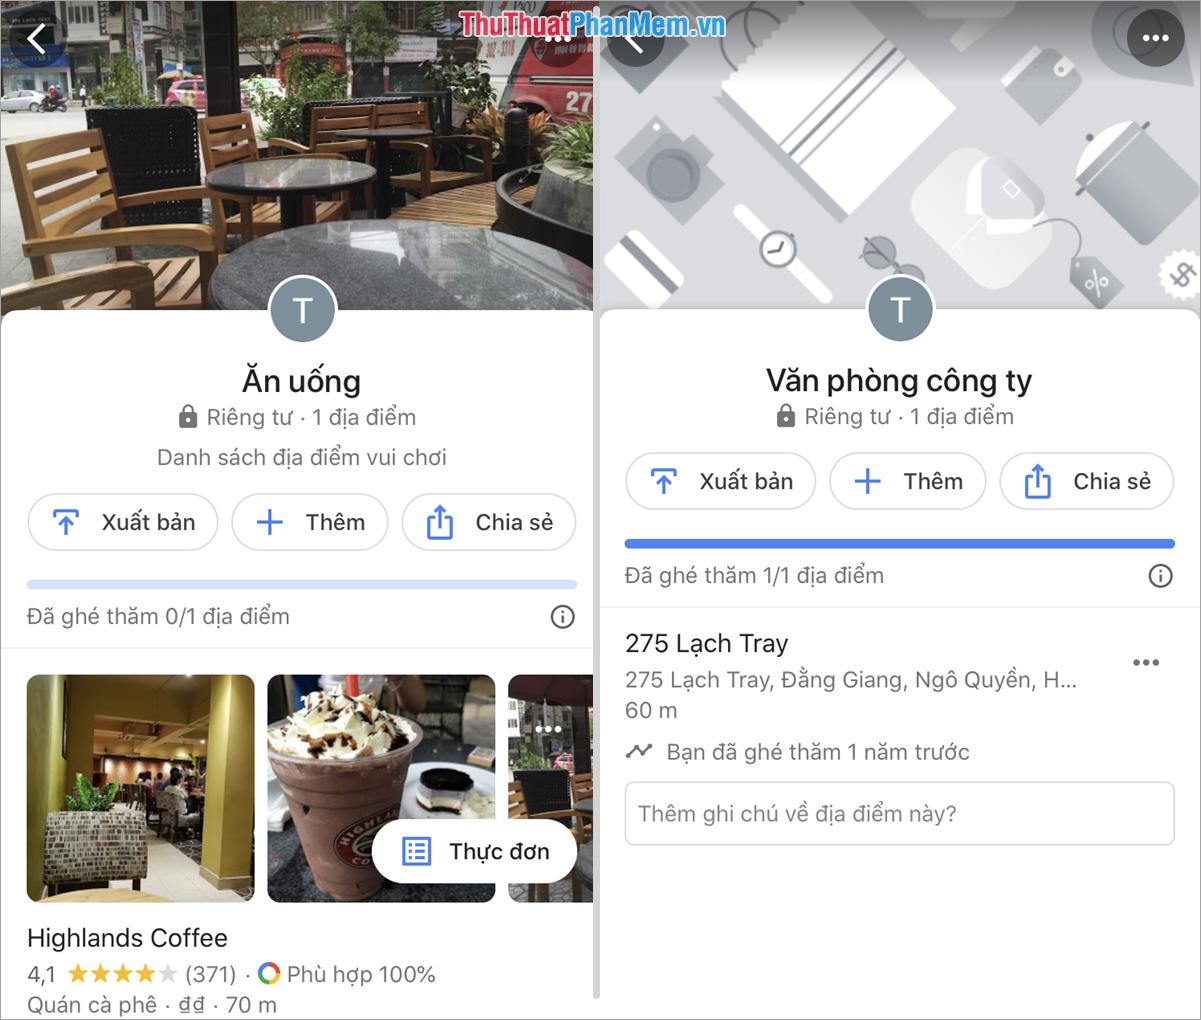 Bạn có thể chia sẻ địa điểm nên các nền tảng mạng xã hội khác cho nhiều người biết tới